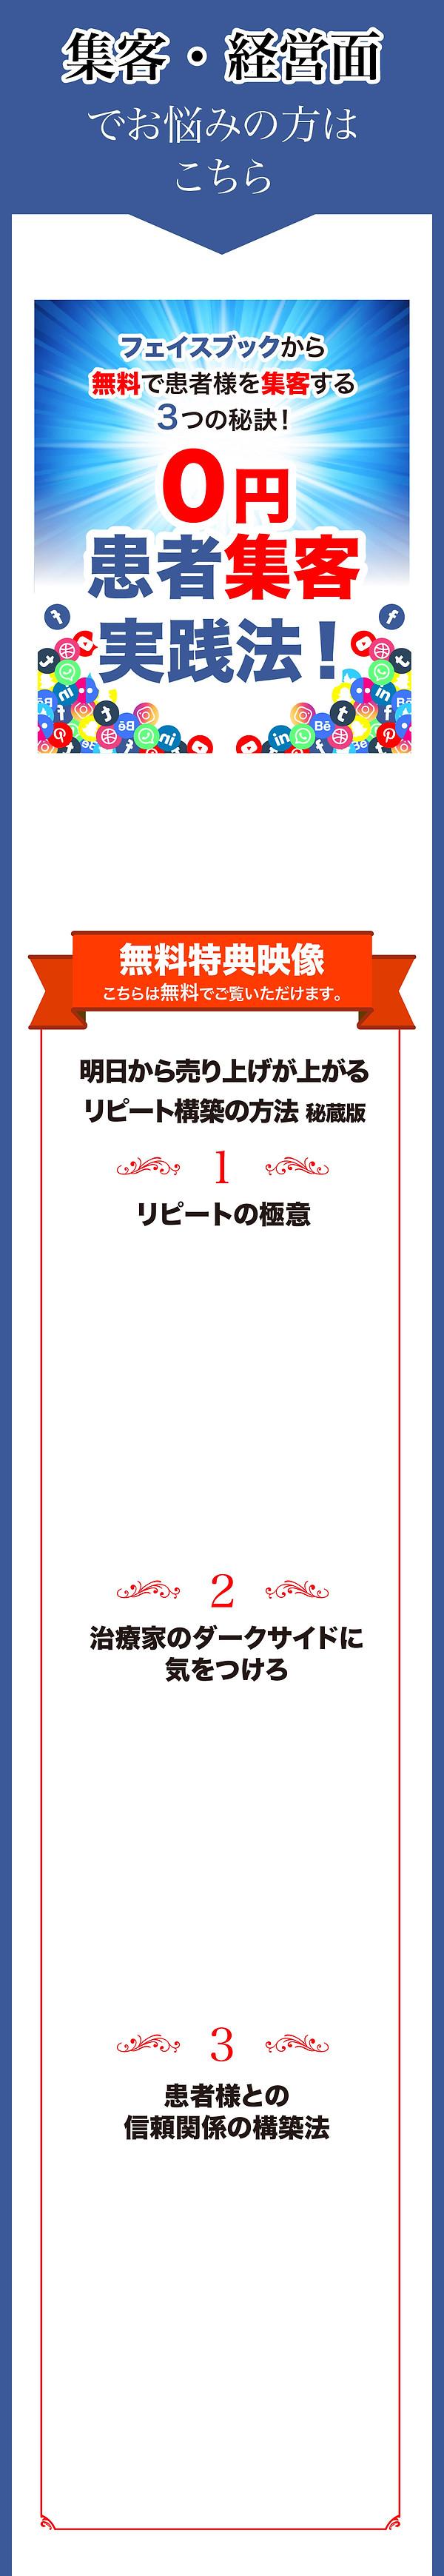 治療院サポート部_200416-02.jpg